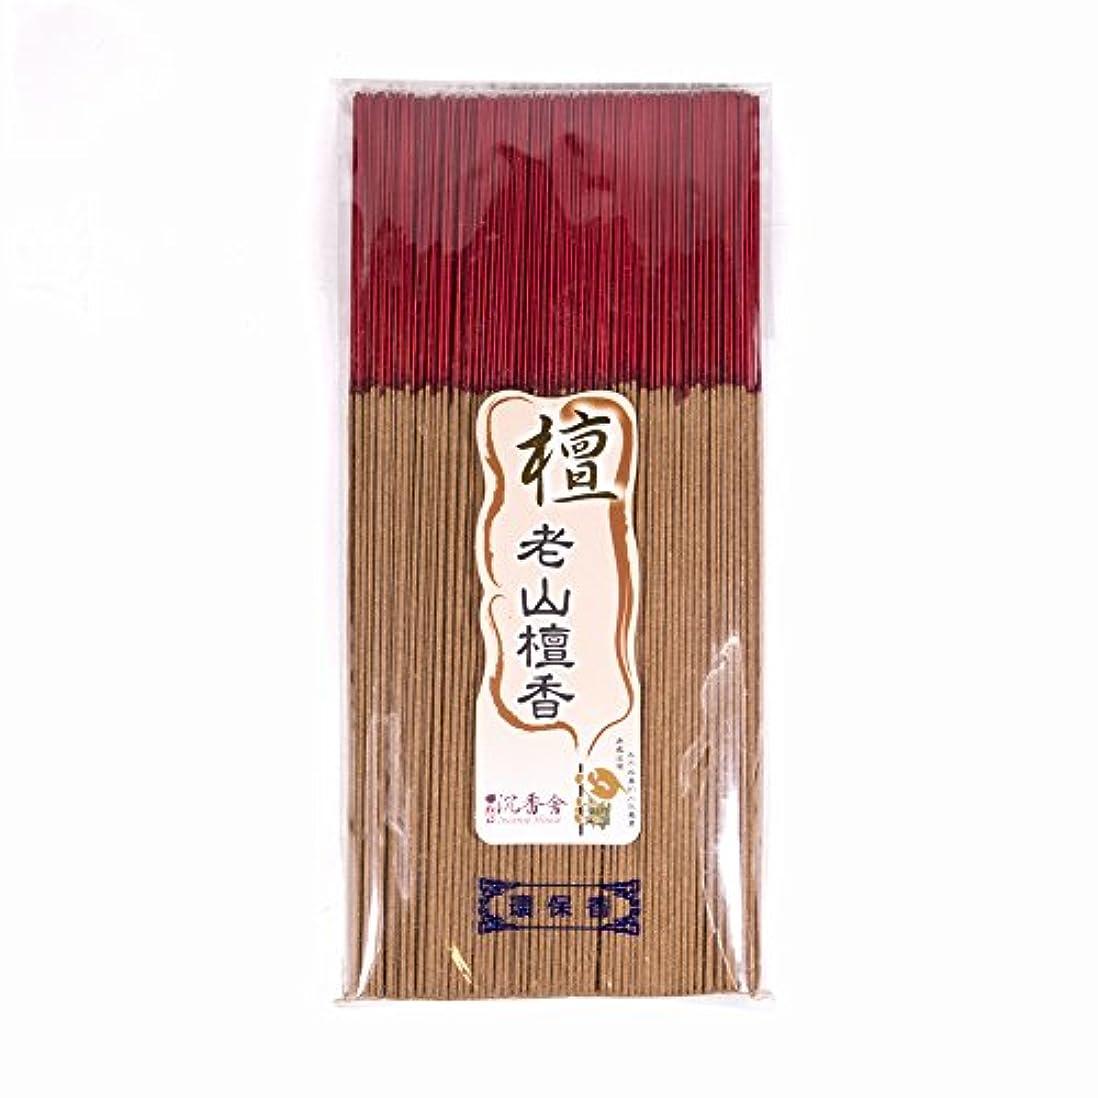 ピース依存魚台湾沉香舍 老山檀香 台湾のお香家 - 檀香 30cm (木支香) 300g 約400本